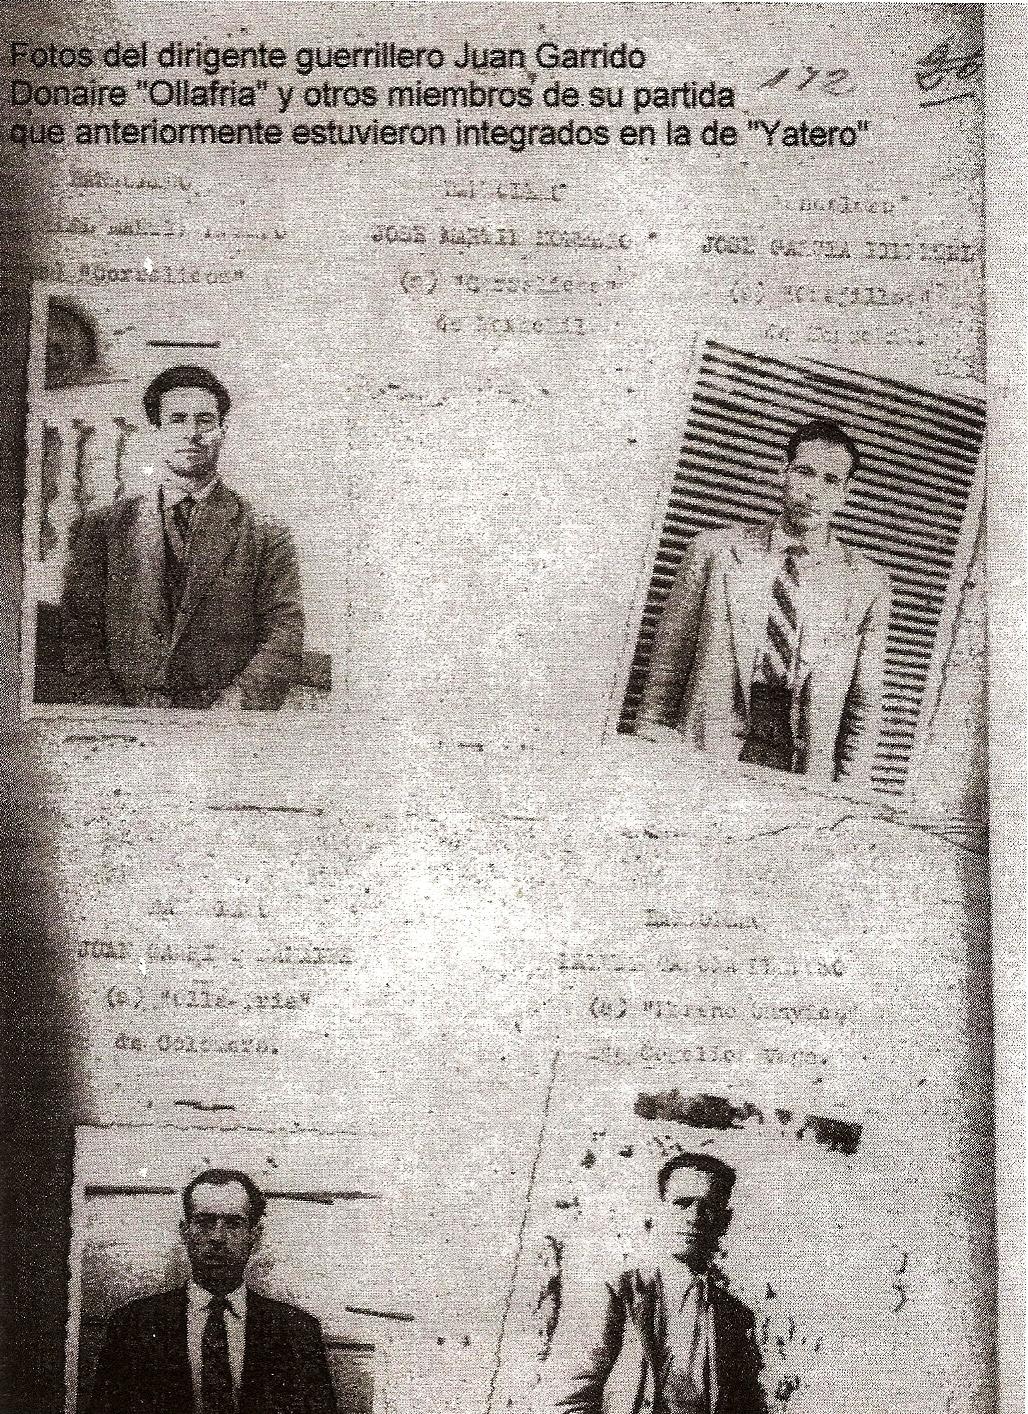 Ficha policial de alguno de los miembros de la partida.